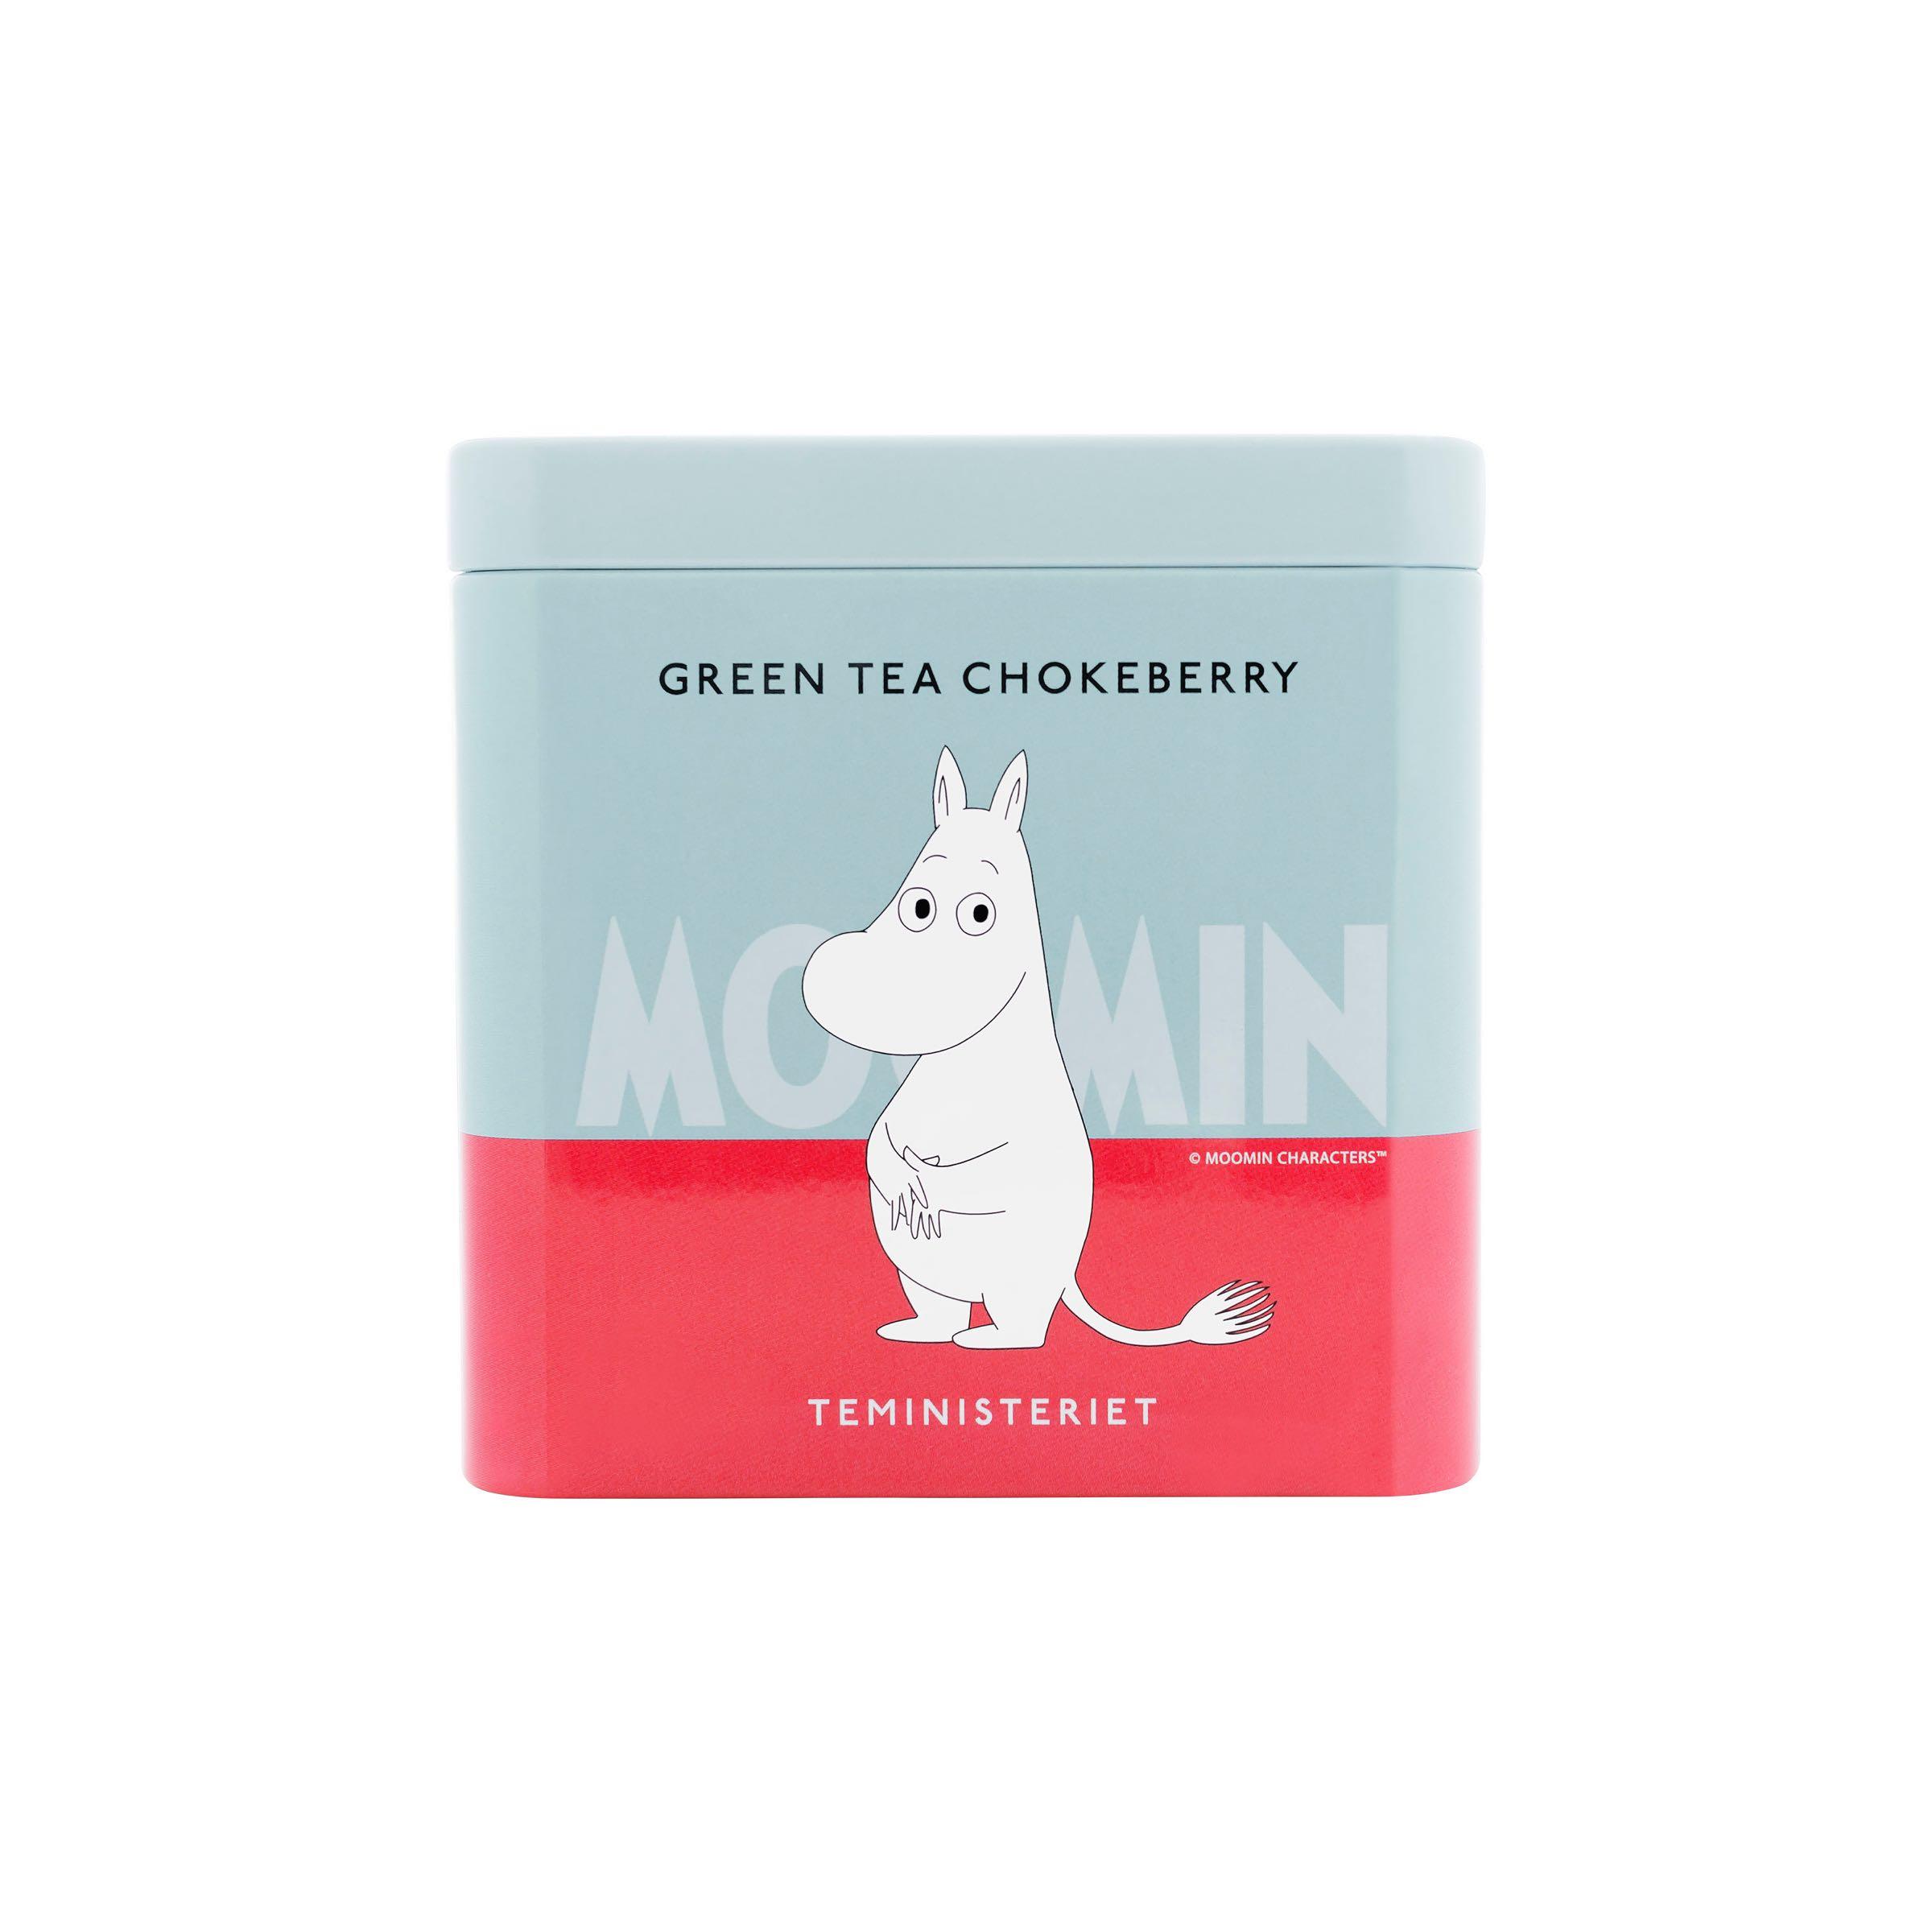 Teministeriet Moomin Te - Green Tea Chokeberry